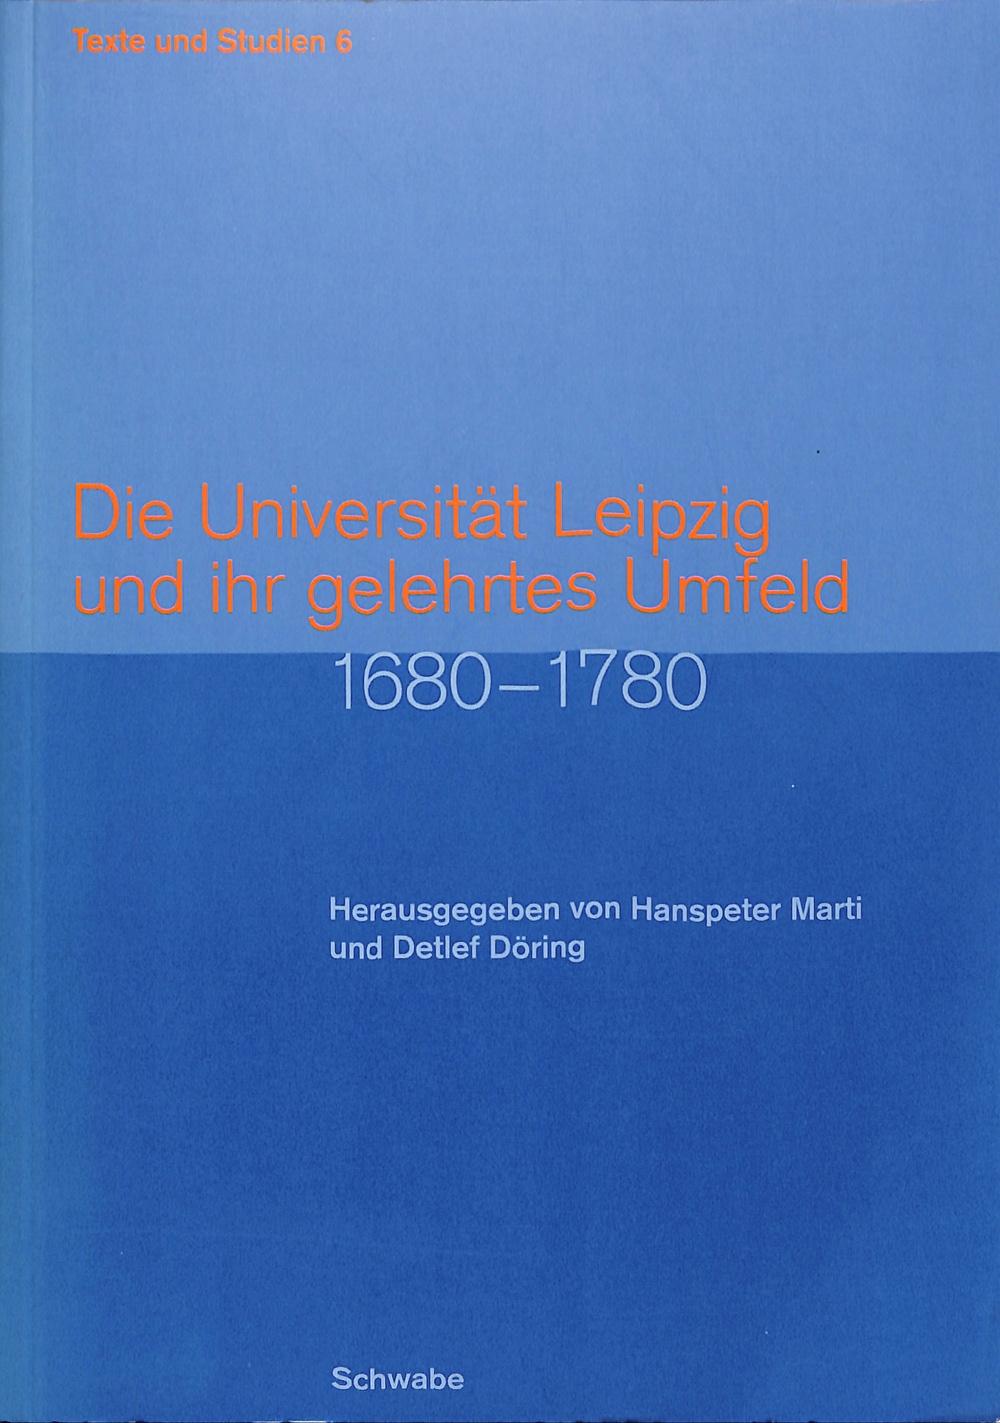 Die Universität Leipzig und ihr gelehrtes Umfeld 1680-1780